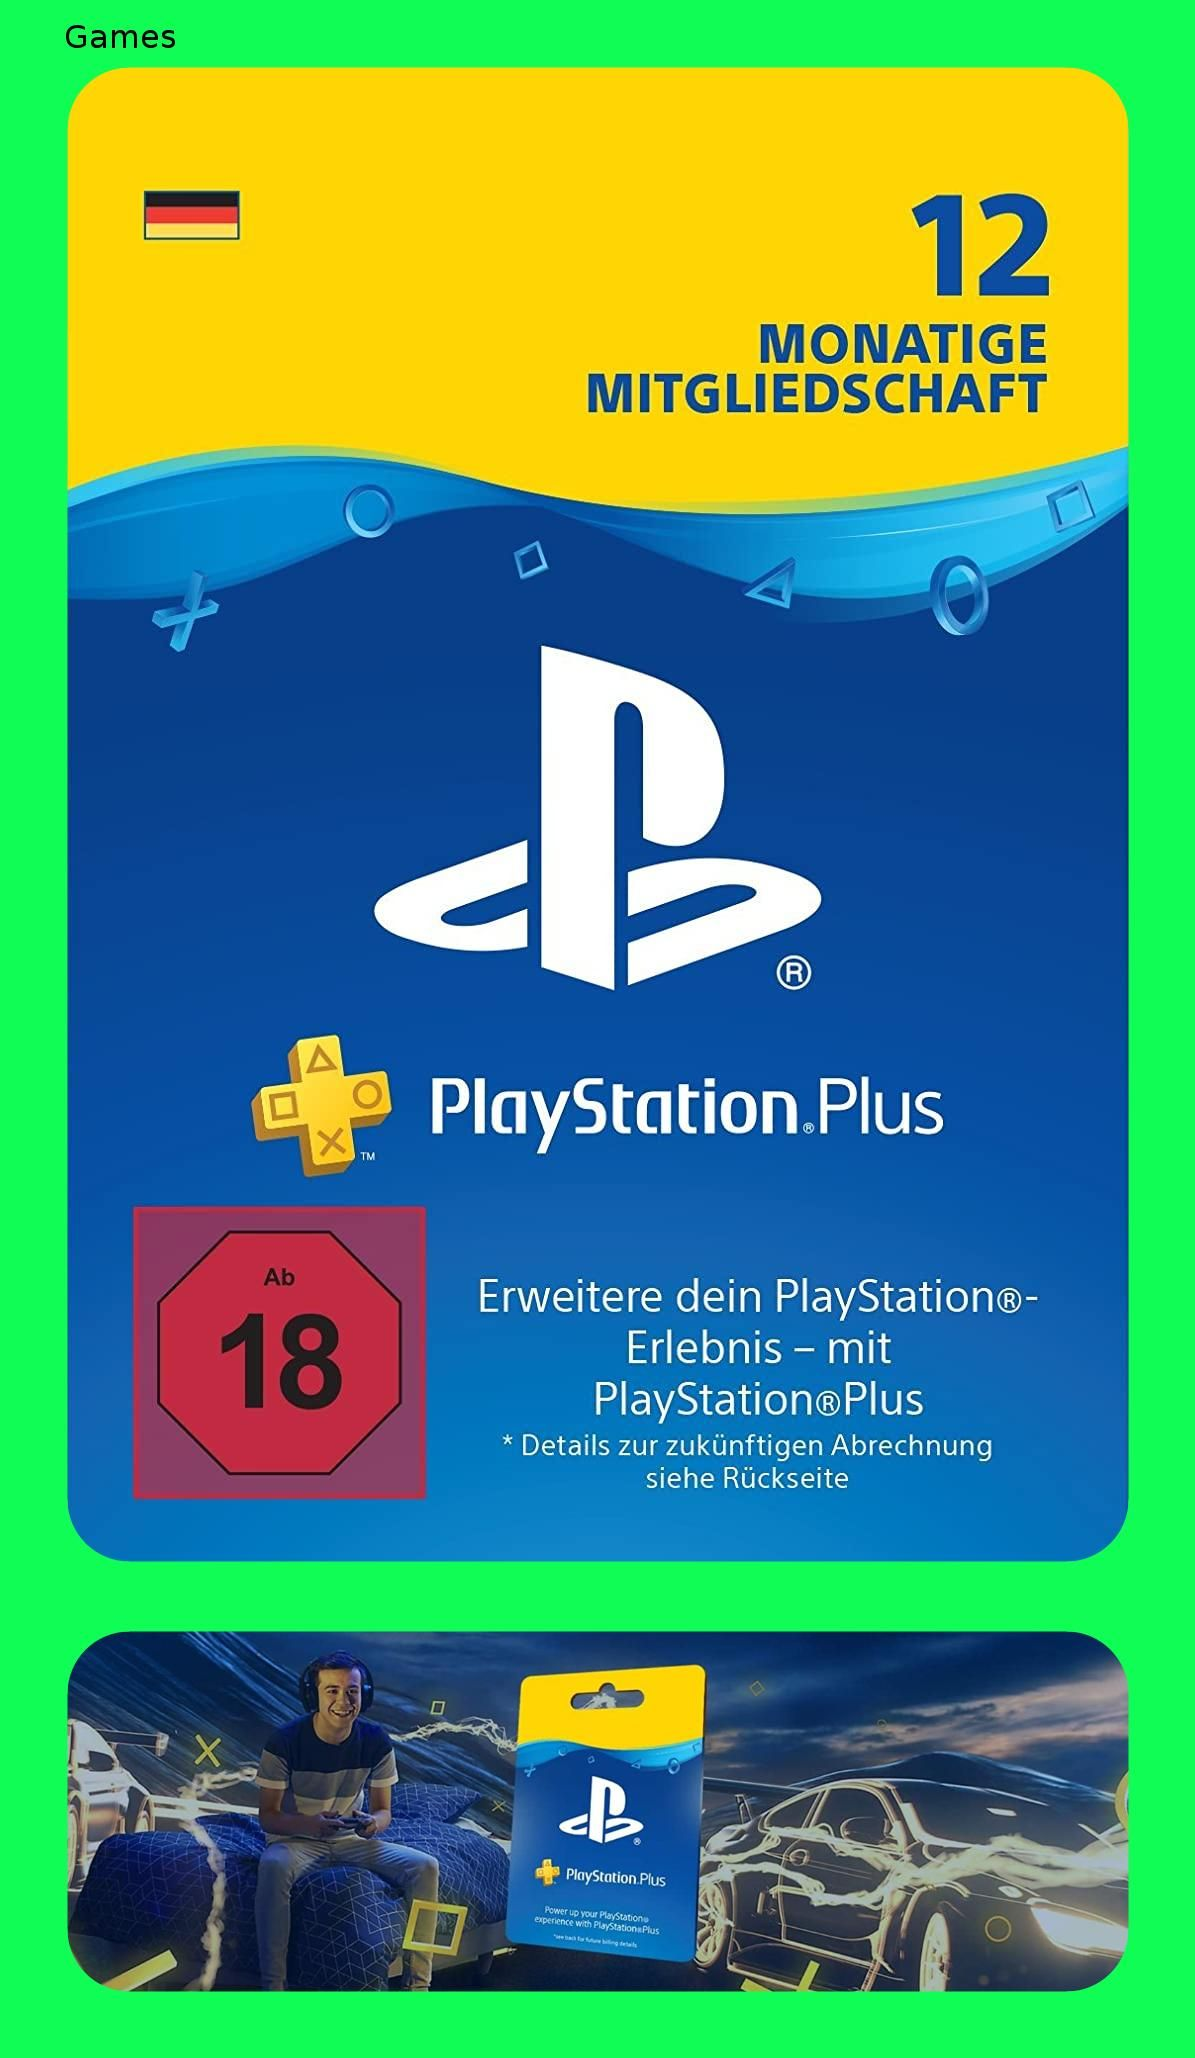 Playstation Plus Mitgliedschaft 12 Monate Deutsches Konto Ps4 Download Code 148l In 2020 Monate Deutsch Playstation Ps4